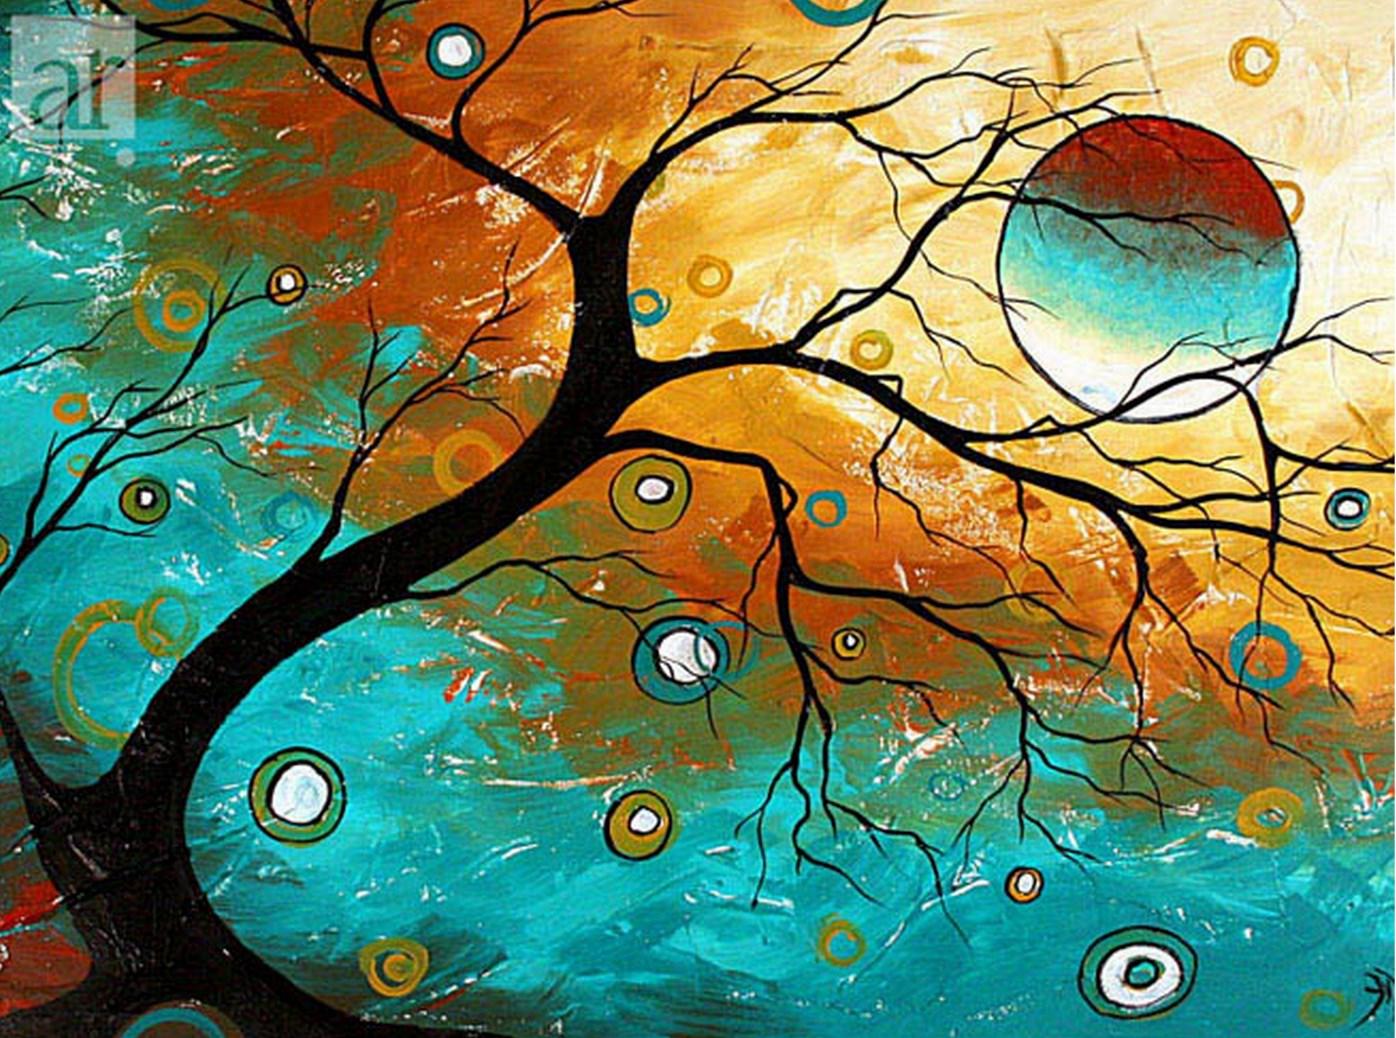 Cuadros modernos pinturas y dibujos ideas para pintar for Imagenes de cuadros abstractos para pintar